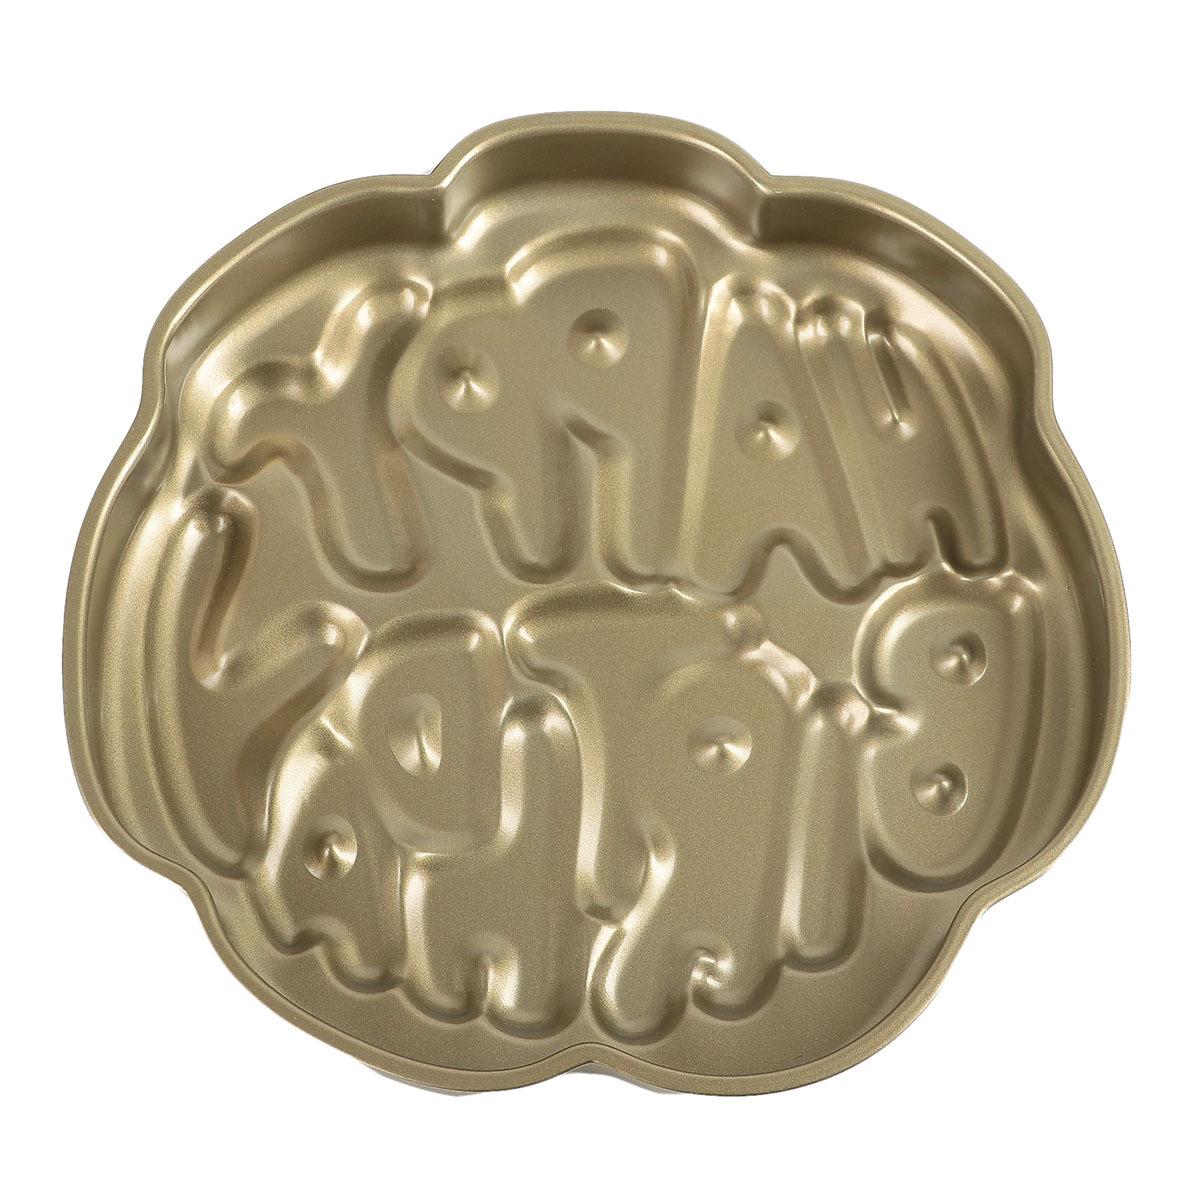 Форма для выпечки Доляна С днем рождения, 3792157, с антипригарным покрытием, 29 х 3,5 см3792157Форма для выпечки - один из самых важных предметов на кухне хорошей хозяйки. С качественной посудой радовать домашних пирогами, кексами, запеканками и прочей вкуснятиной вы сможете хоть каждый день!